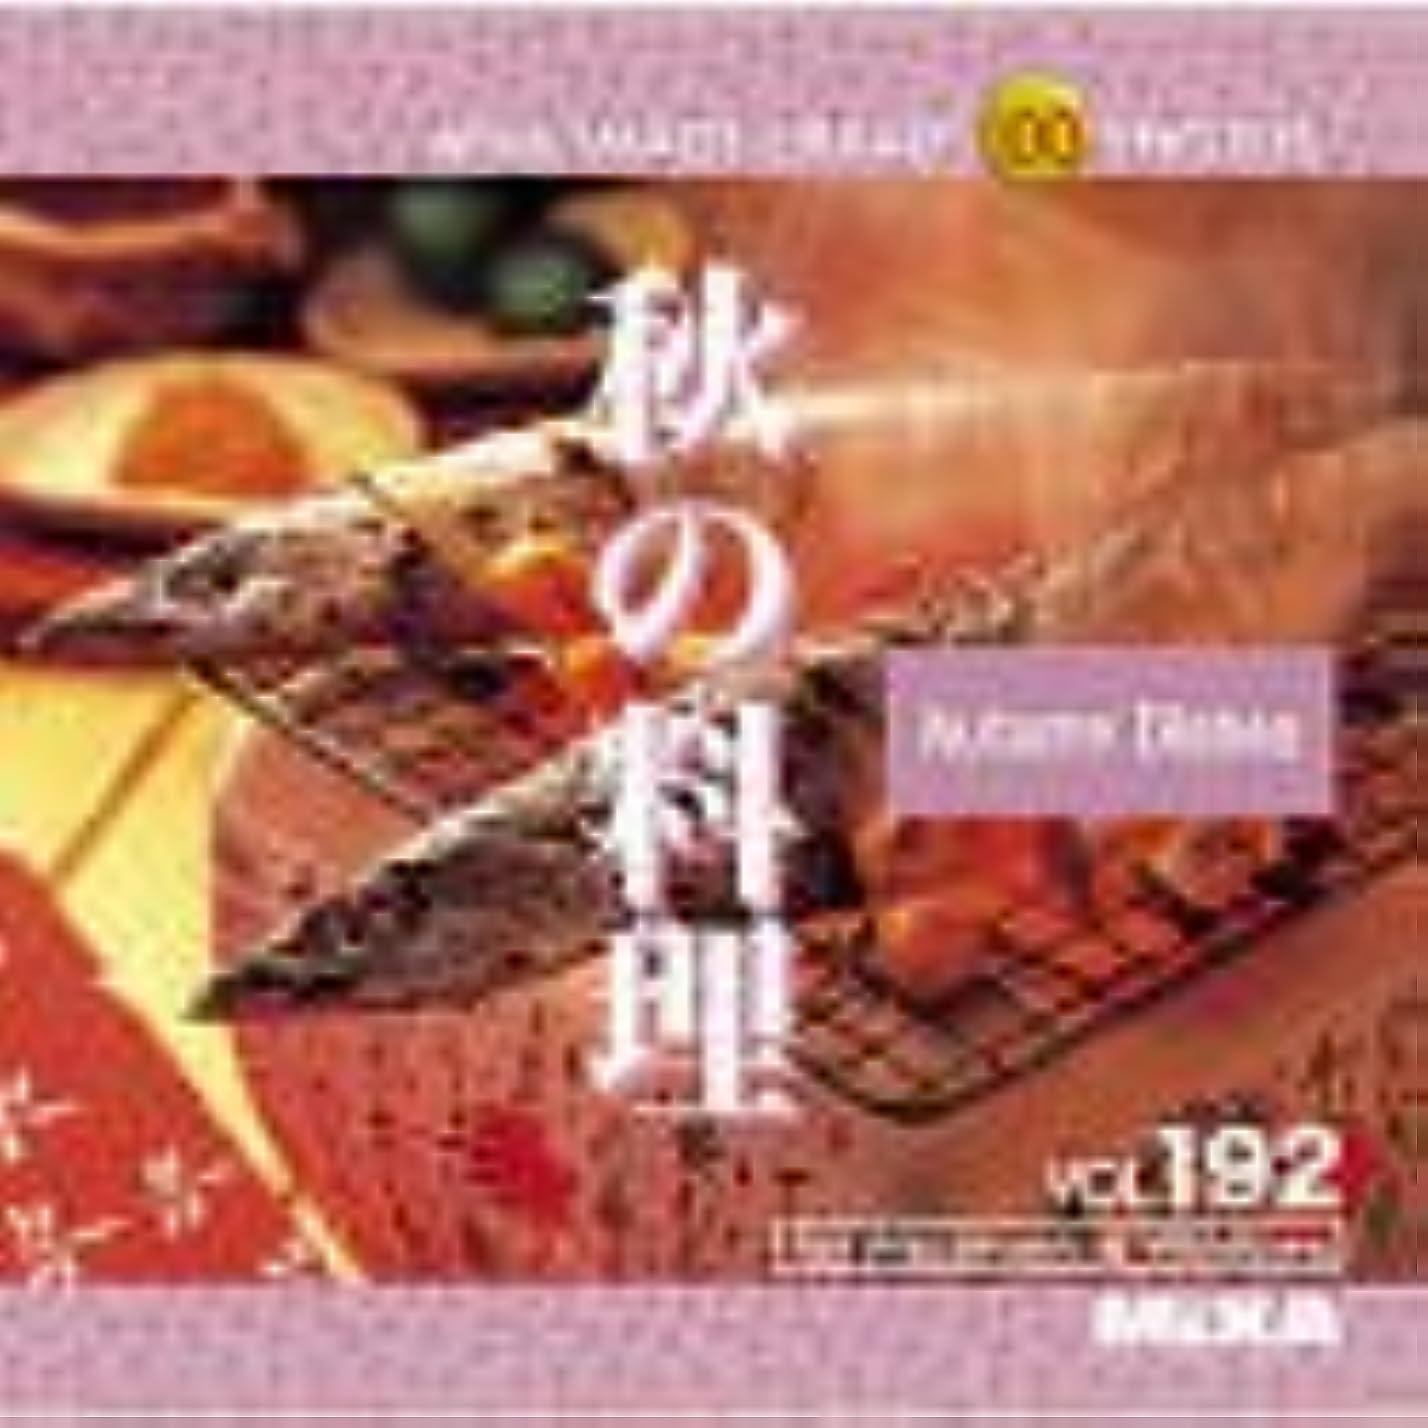 メイン浴室出会いMIXA IMAGE LIBRARY Vol.192 秋の料理